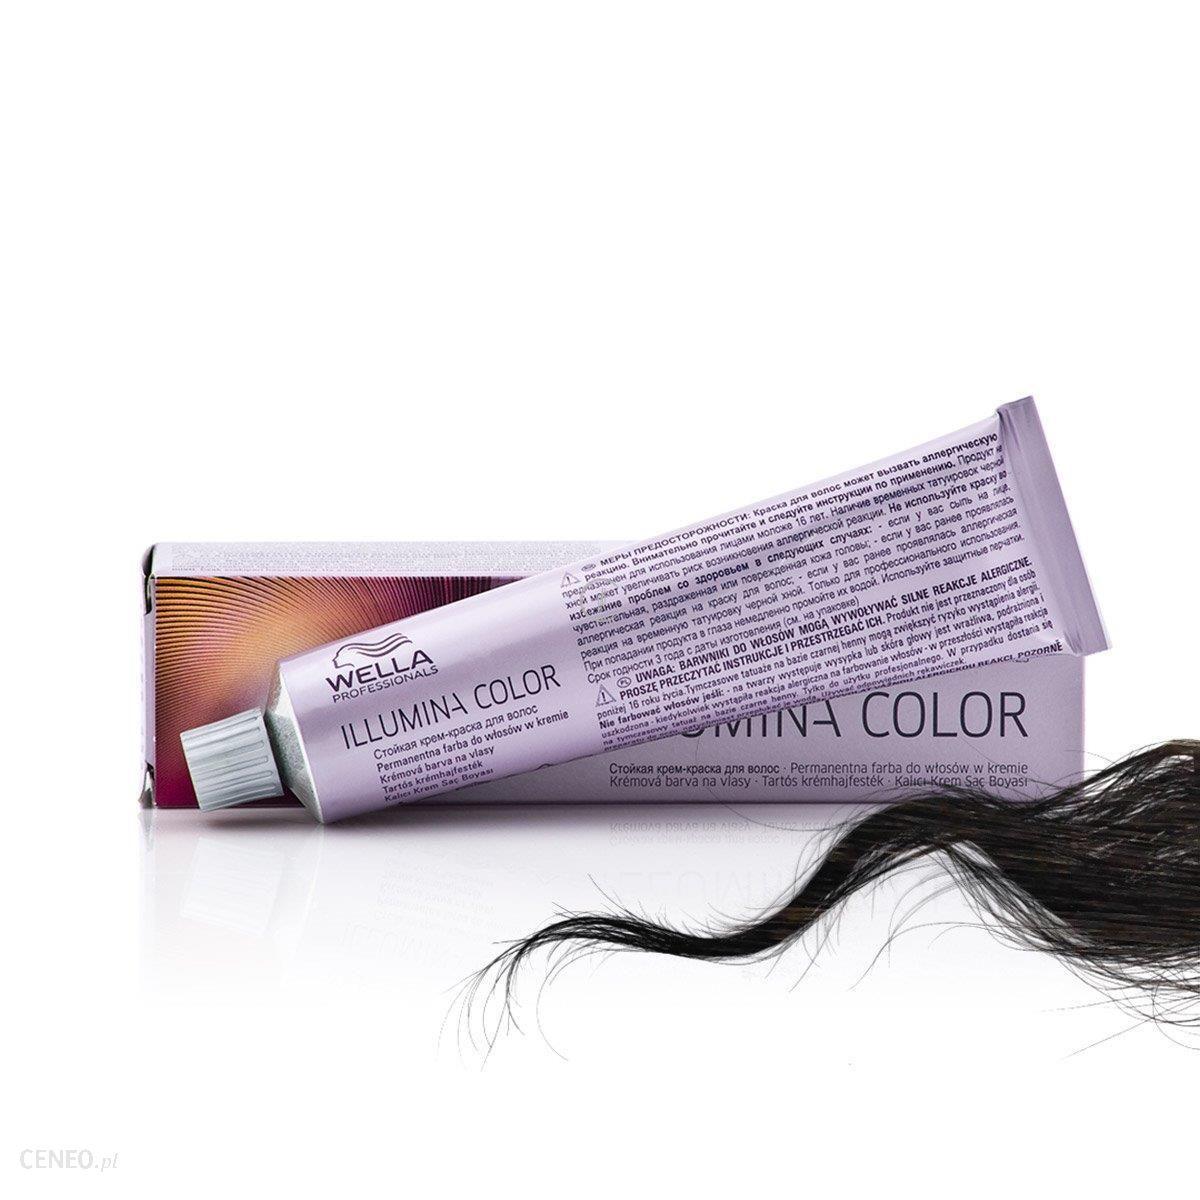 Wella Illumina 4/ Farba Rozświetlająca 60ml